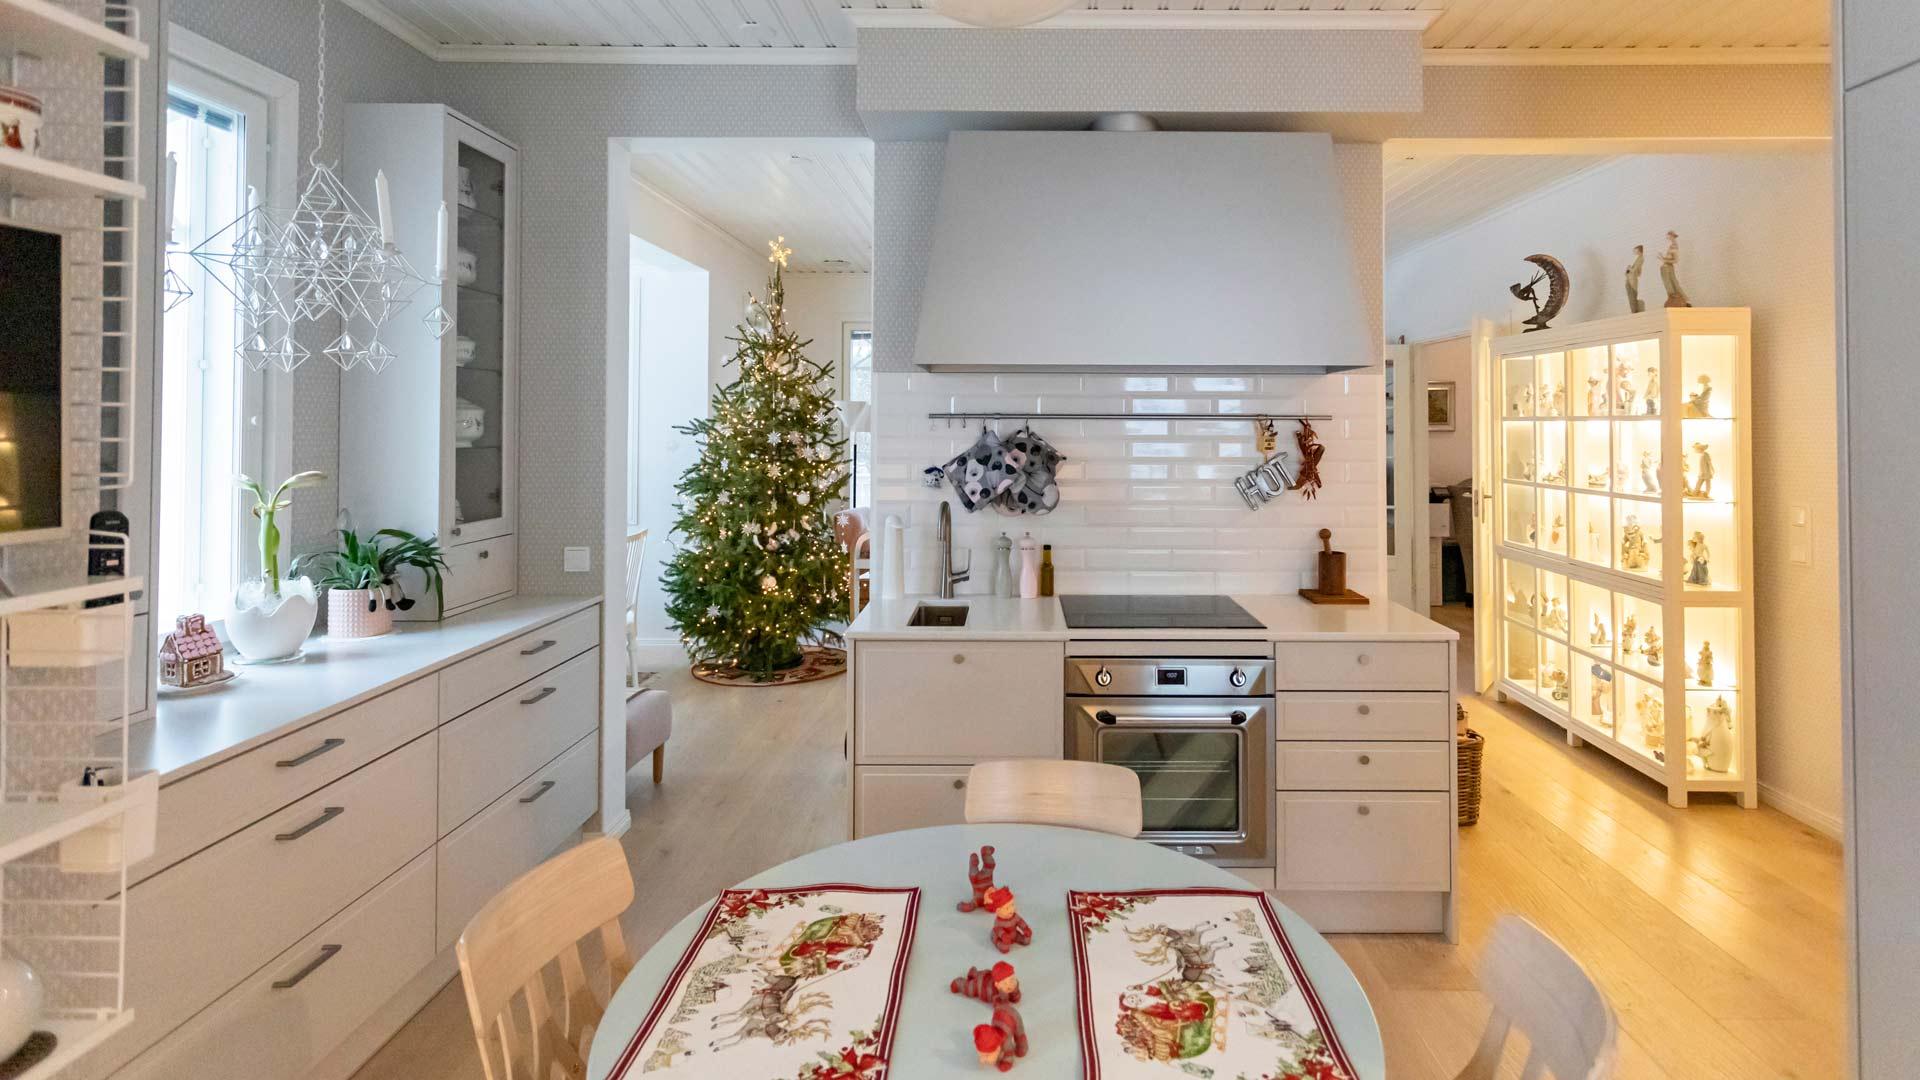 Tontut ja joululiinat ilmestyvät keittiönpöydälle joka joulu. Olohuoneessa olevaa joulukuusta voi ihailla keittiöstäkin.